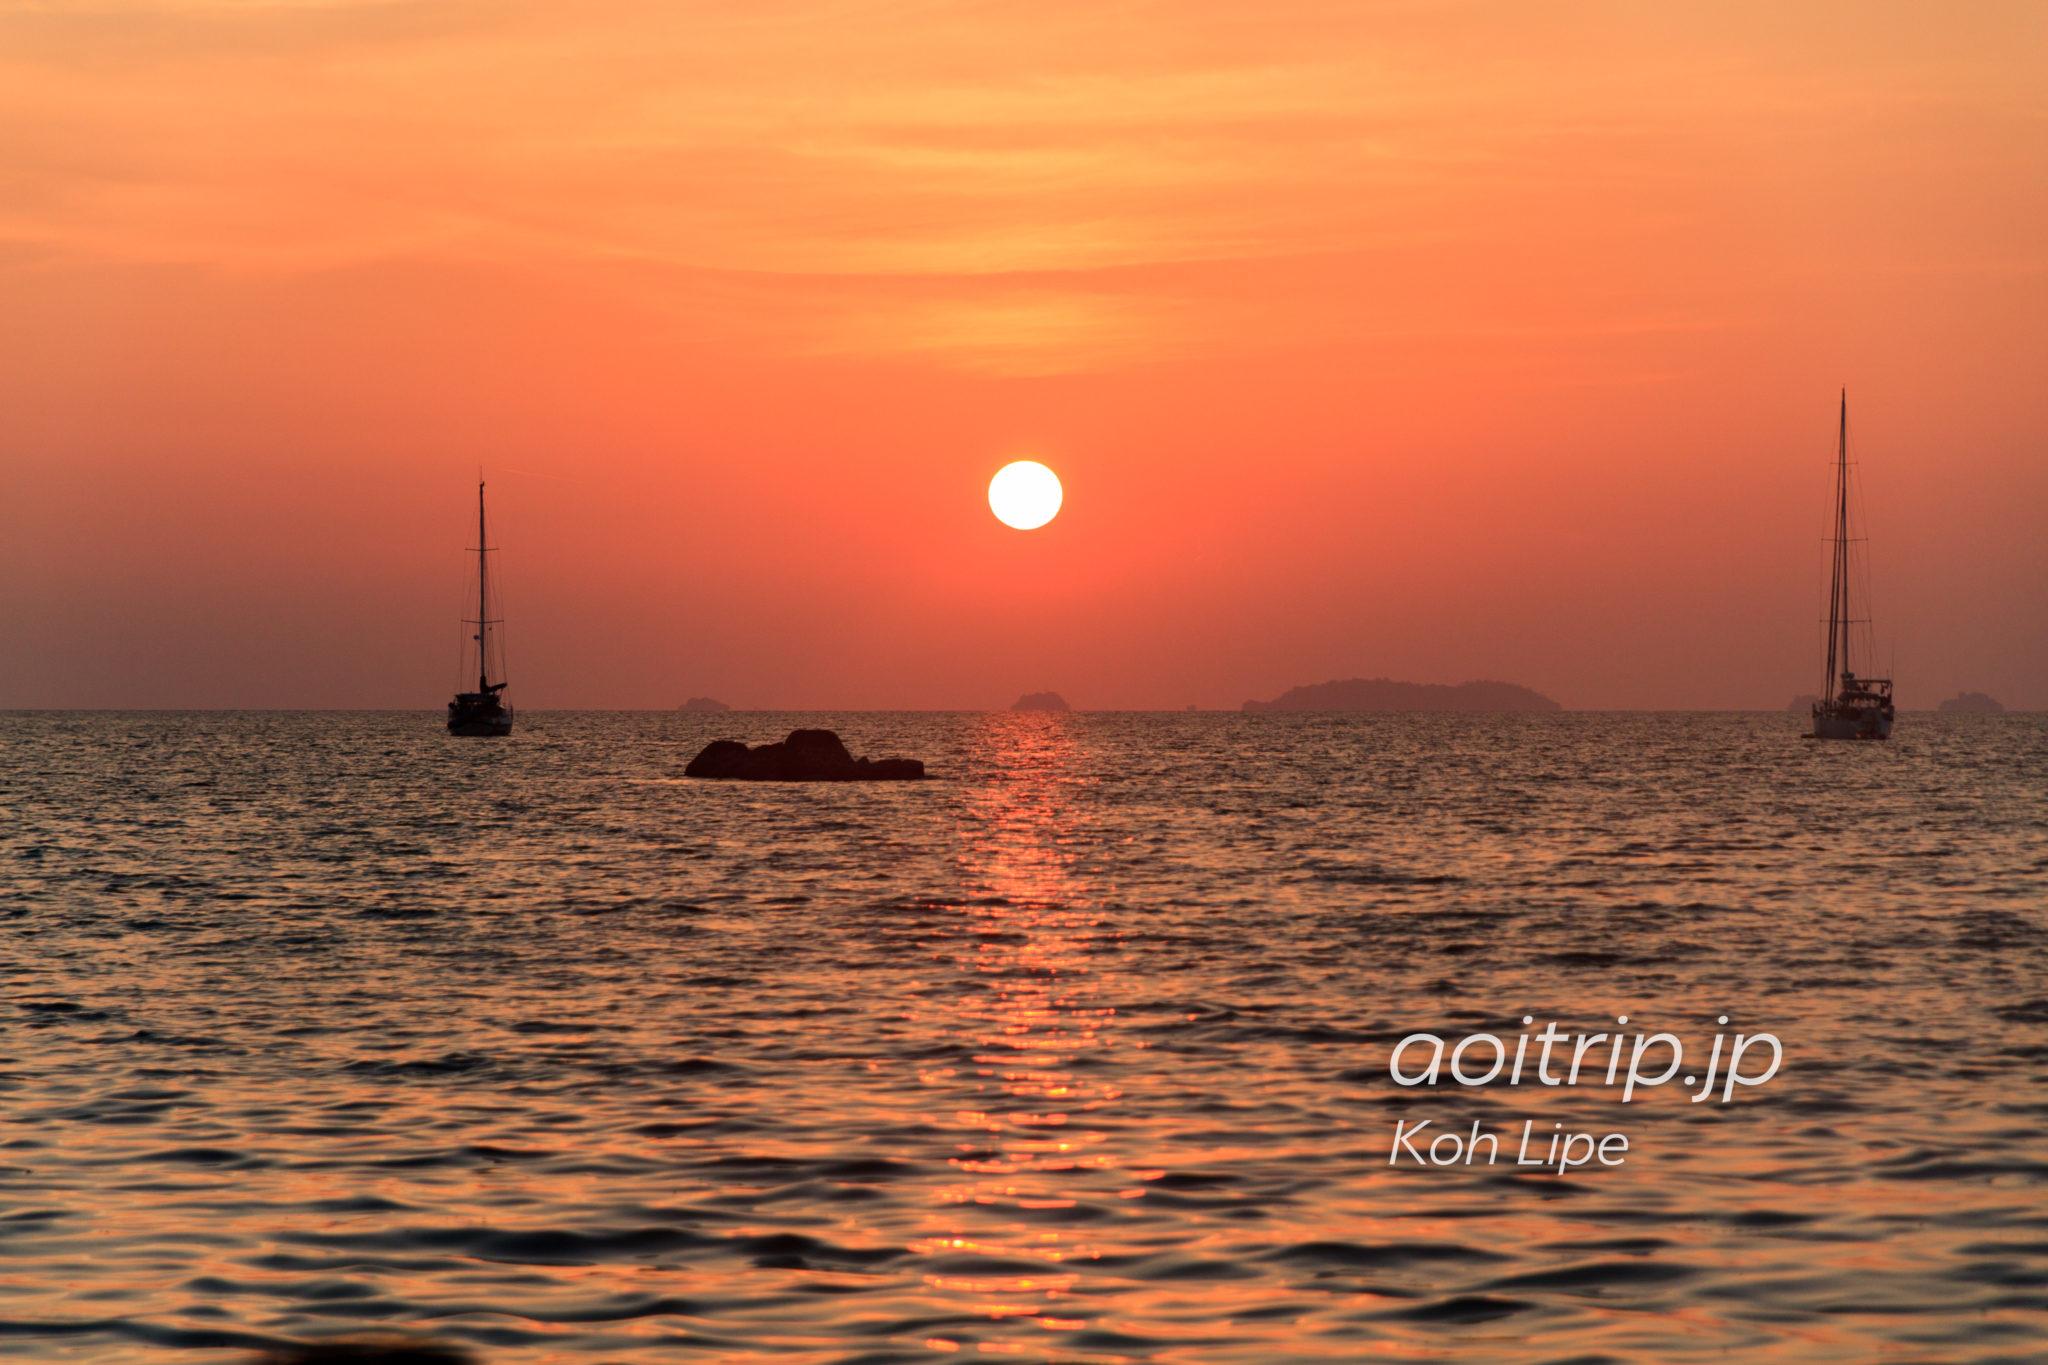 リペ島のサンセットビーチから見る夕日